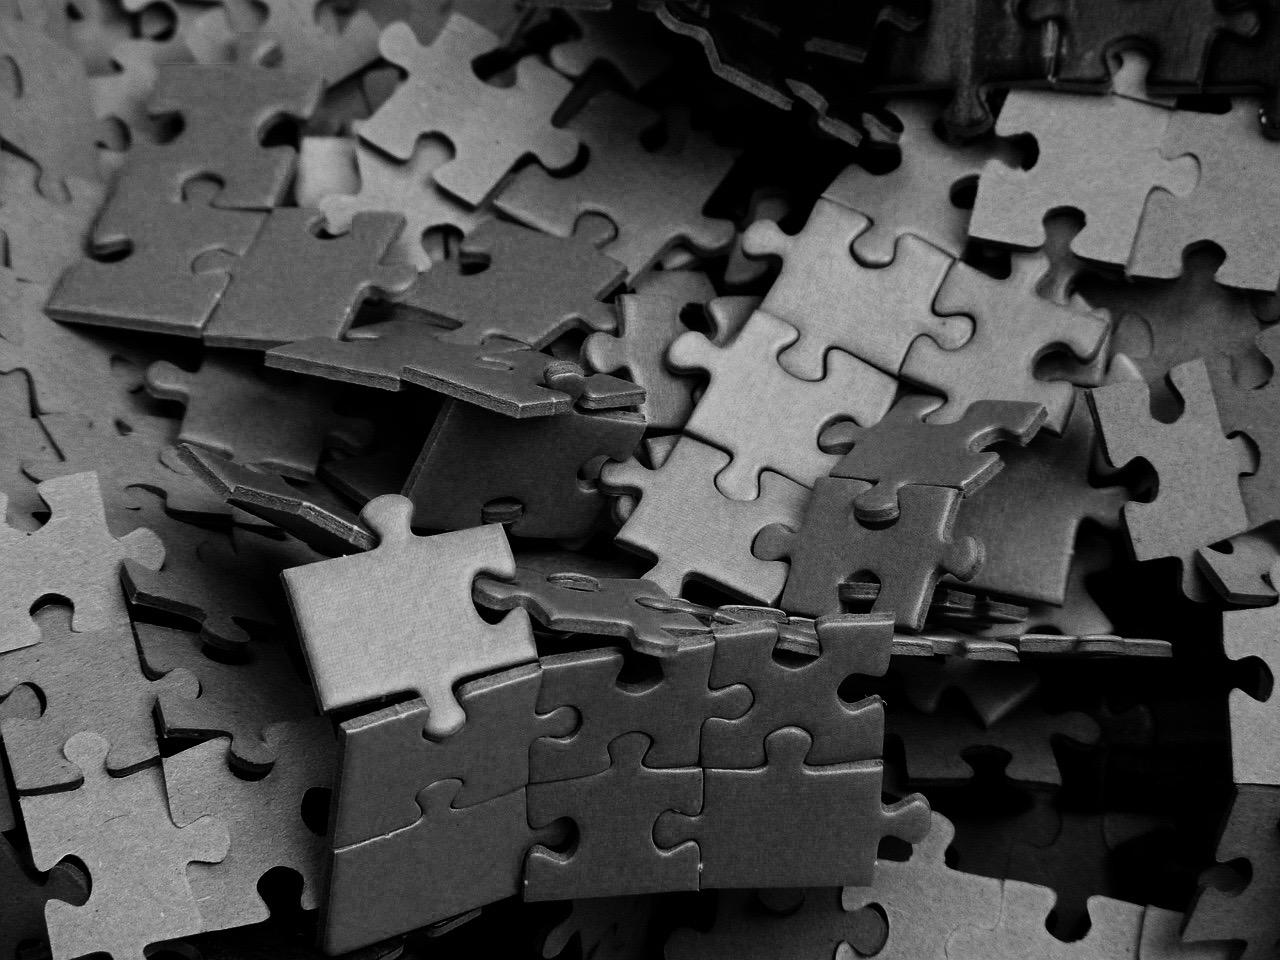 puzzle-55876_1280